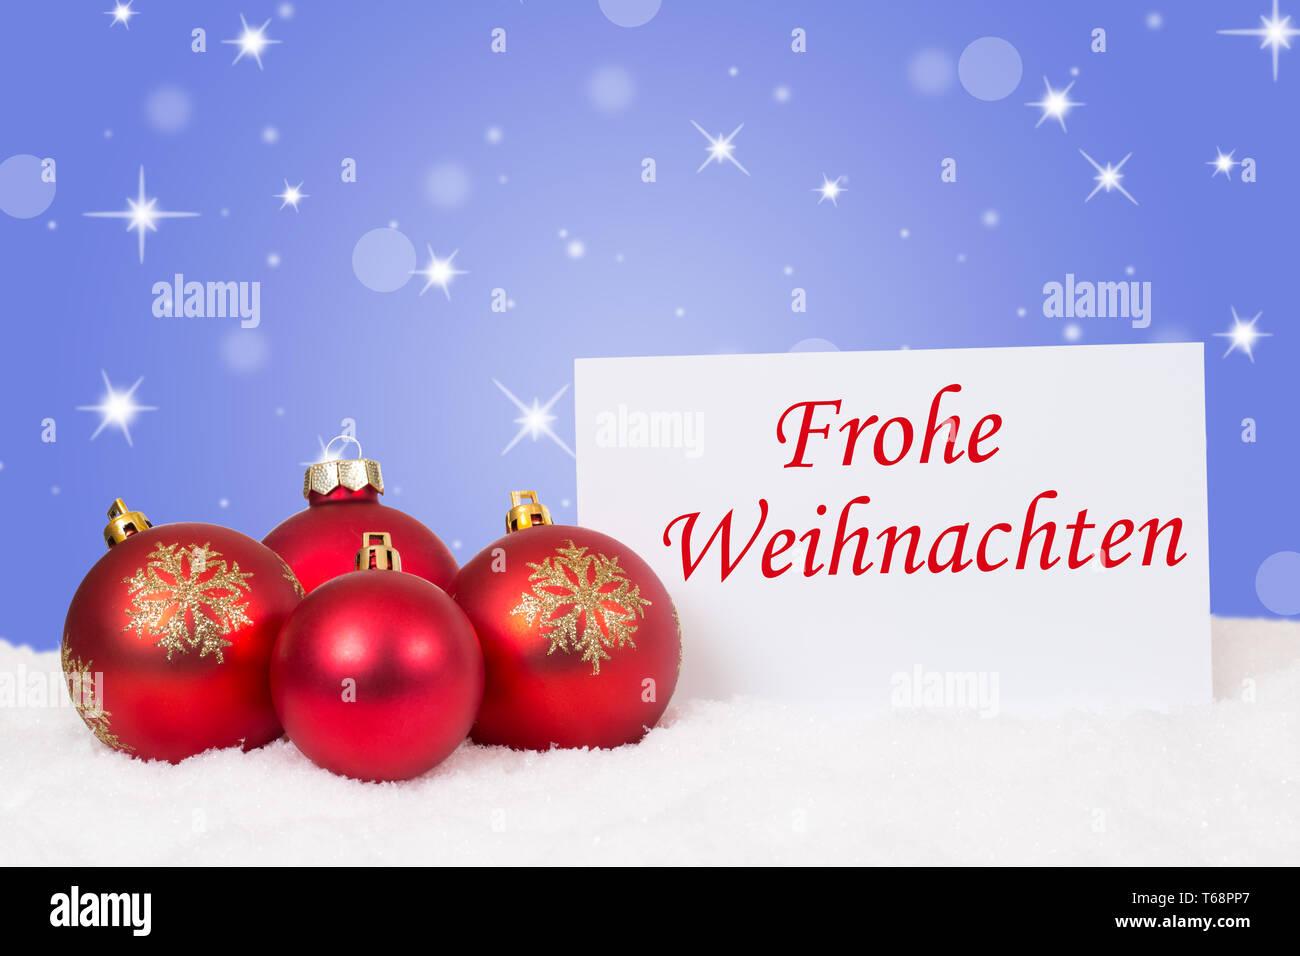 Wünsche Frohe Weihnachten.Frohe Weihnachten Rote Weihnachtskugeln Weihnachtskarte Mit Wünsche